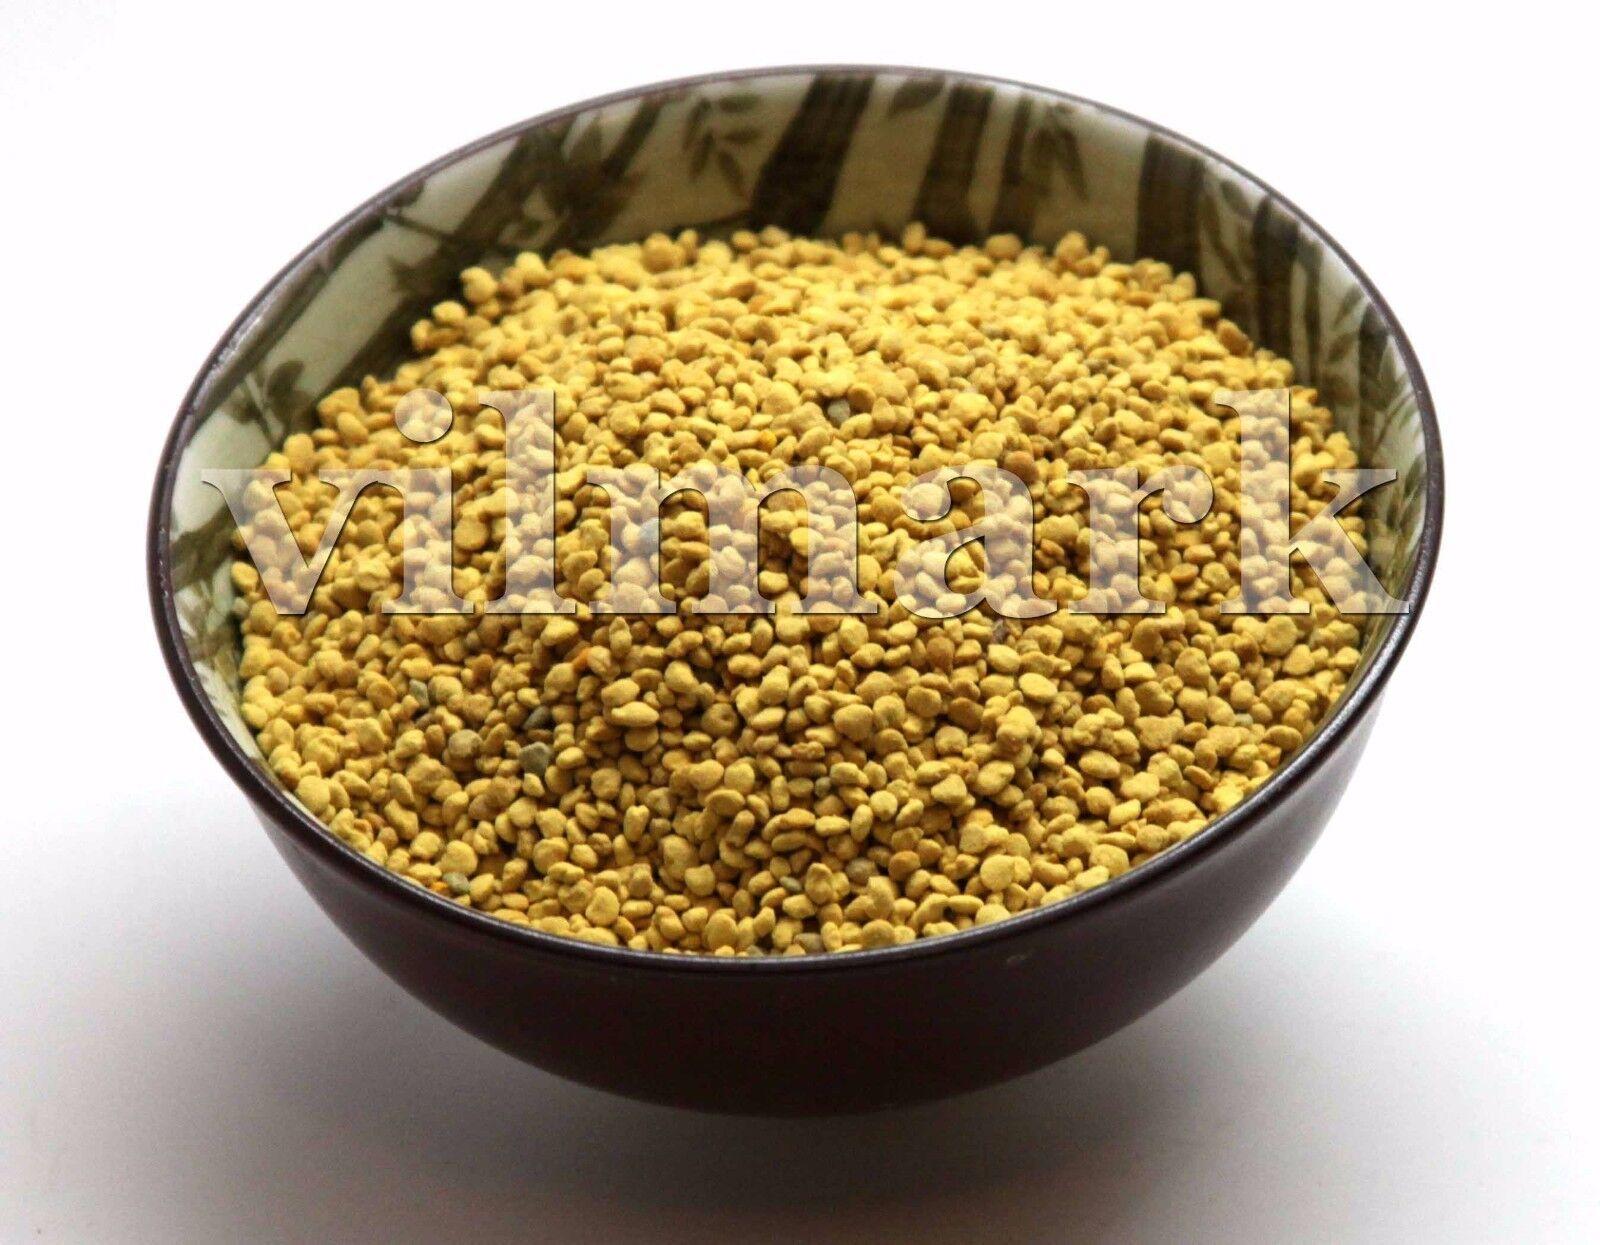 BEE POLLEN Pure Organic Bee Pollen Granules 3 oz FDA Certified 1